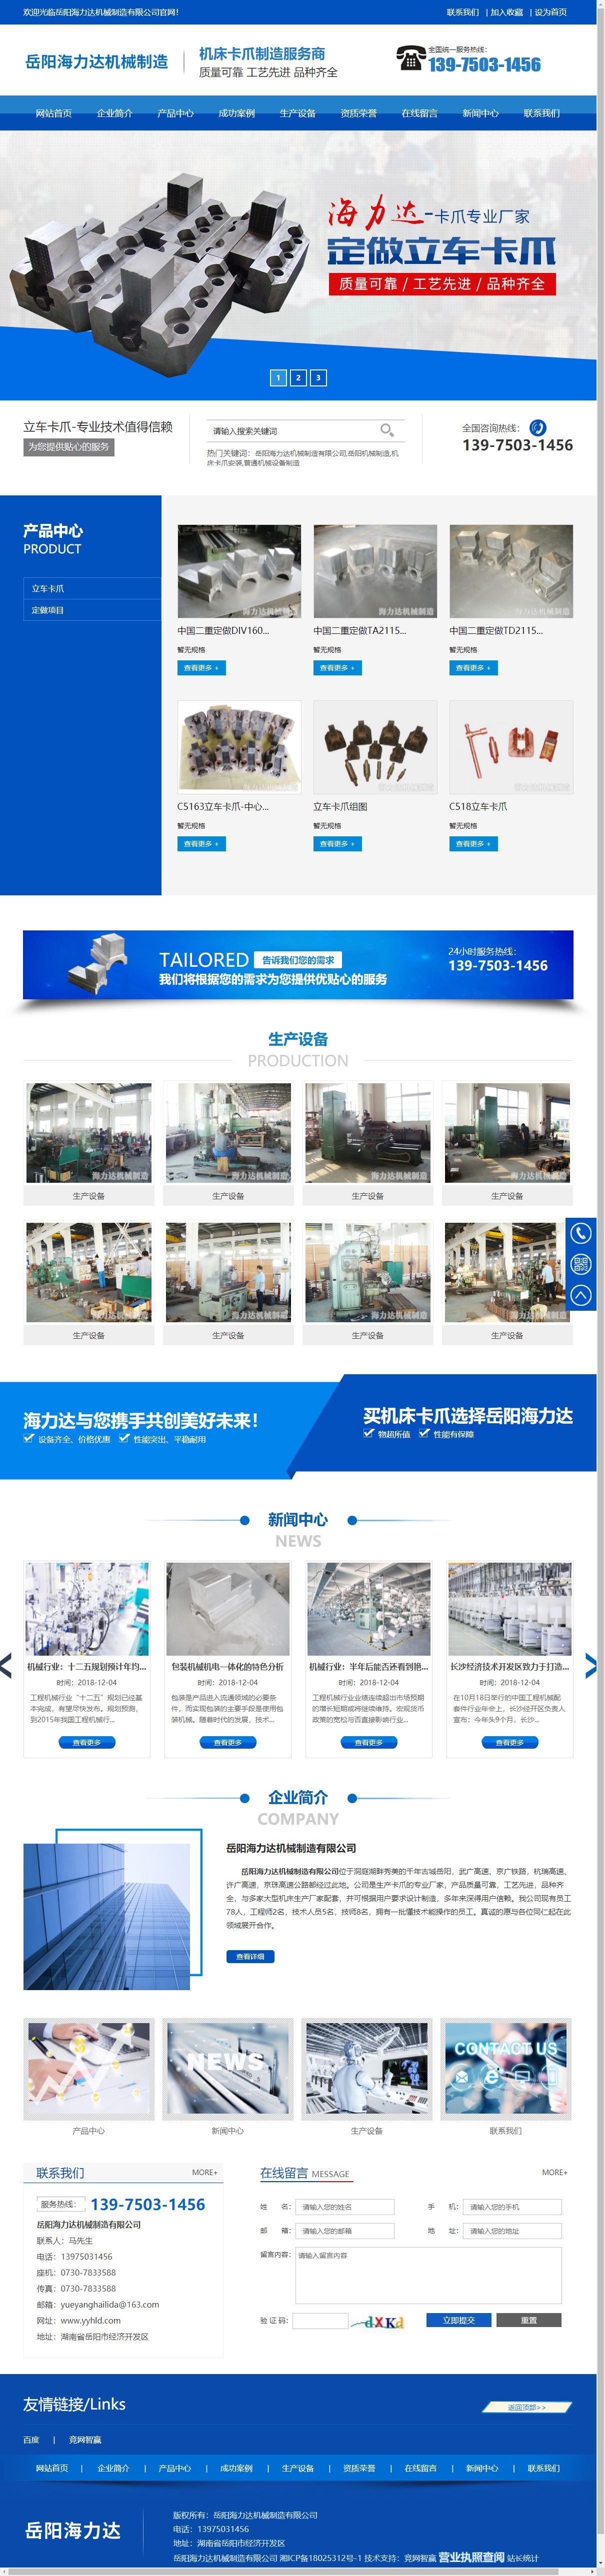 岳阳海力达机械制造有限公司网站案例